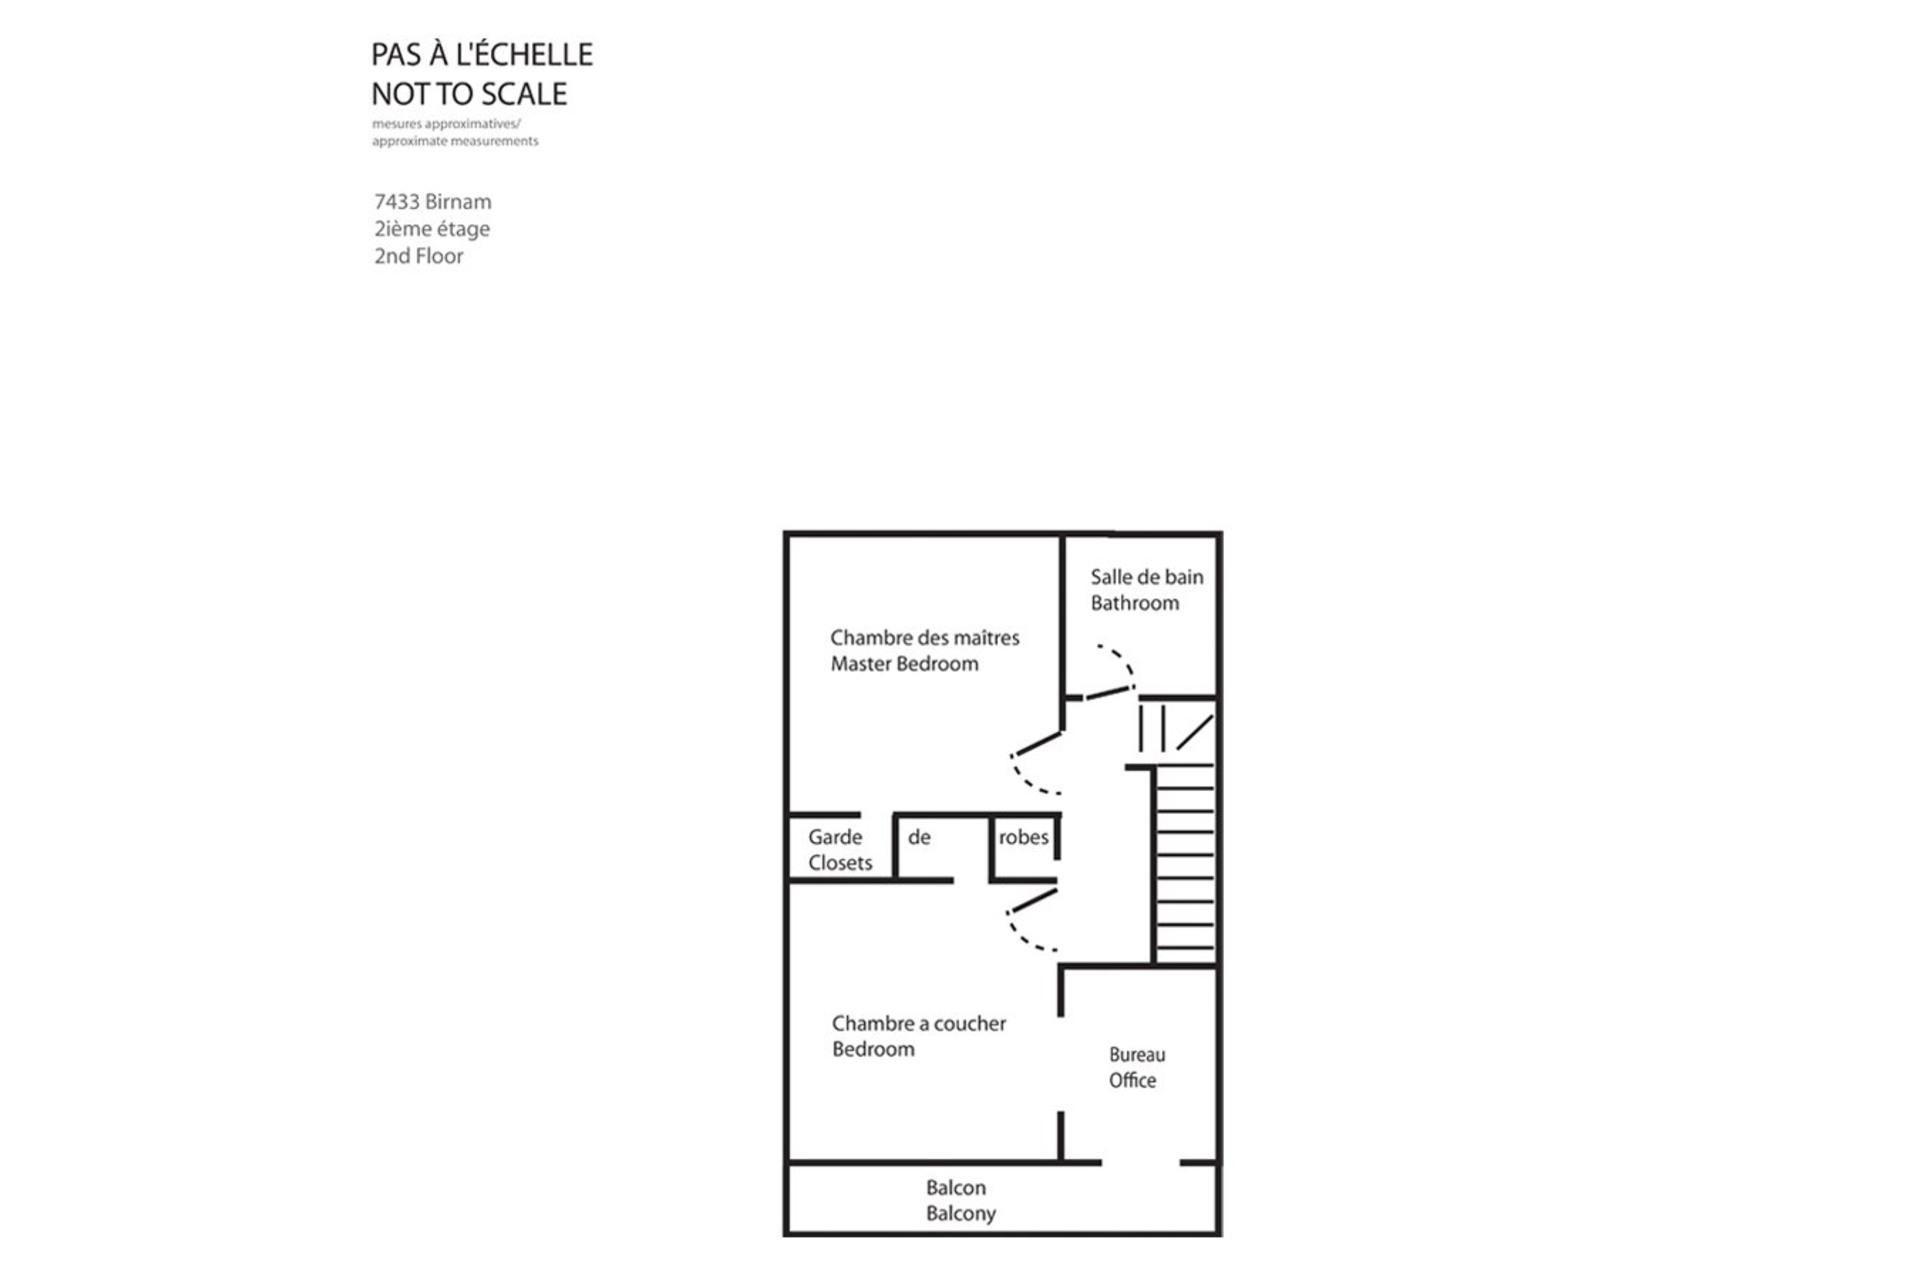 image 24 - Maison À vendre Villeray/Saint-Michel/Parc-Extension Montréal  - 9 pièces